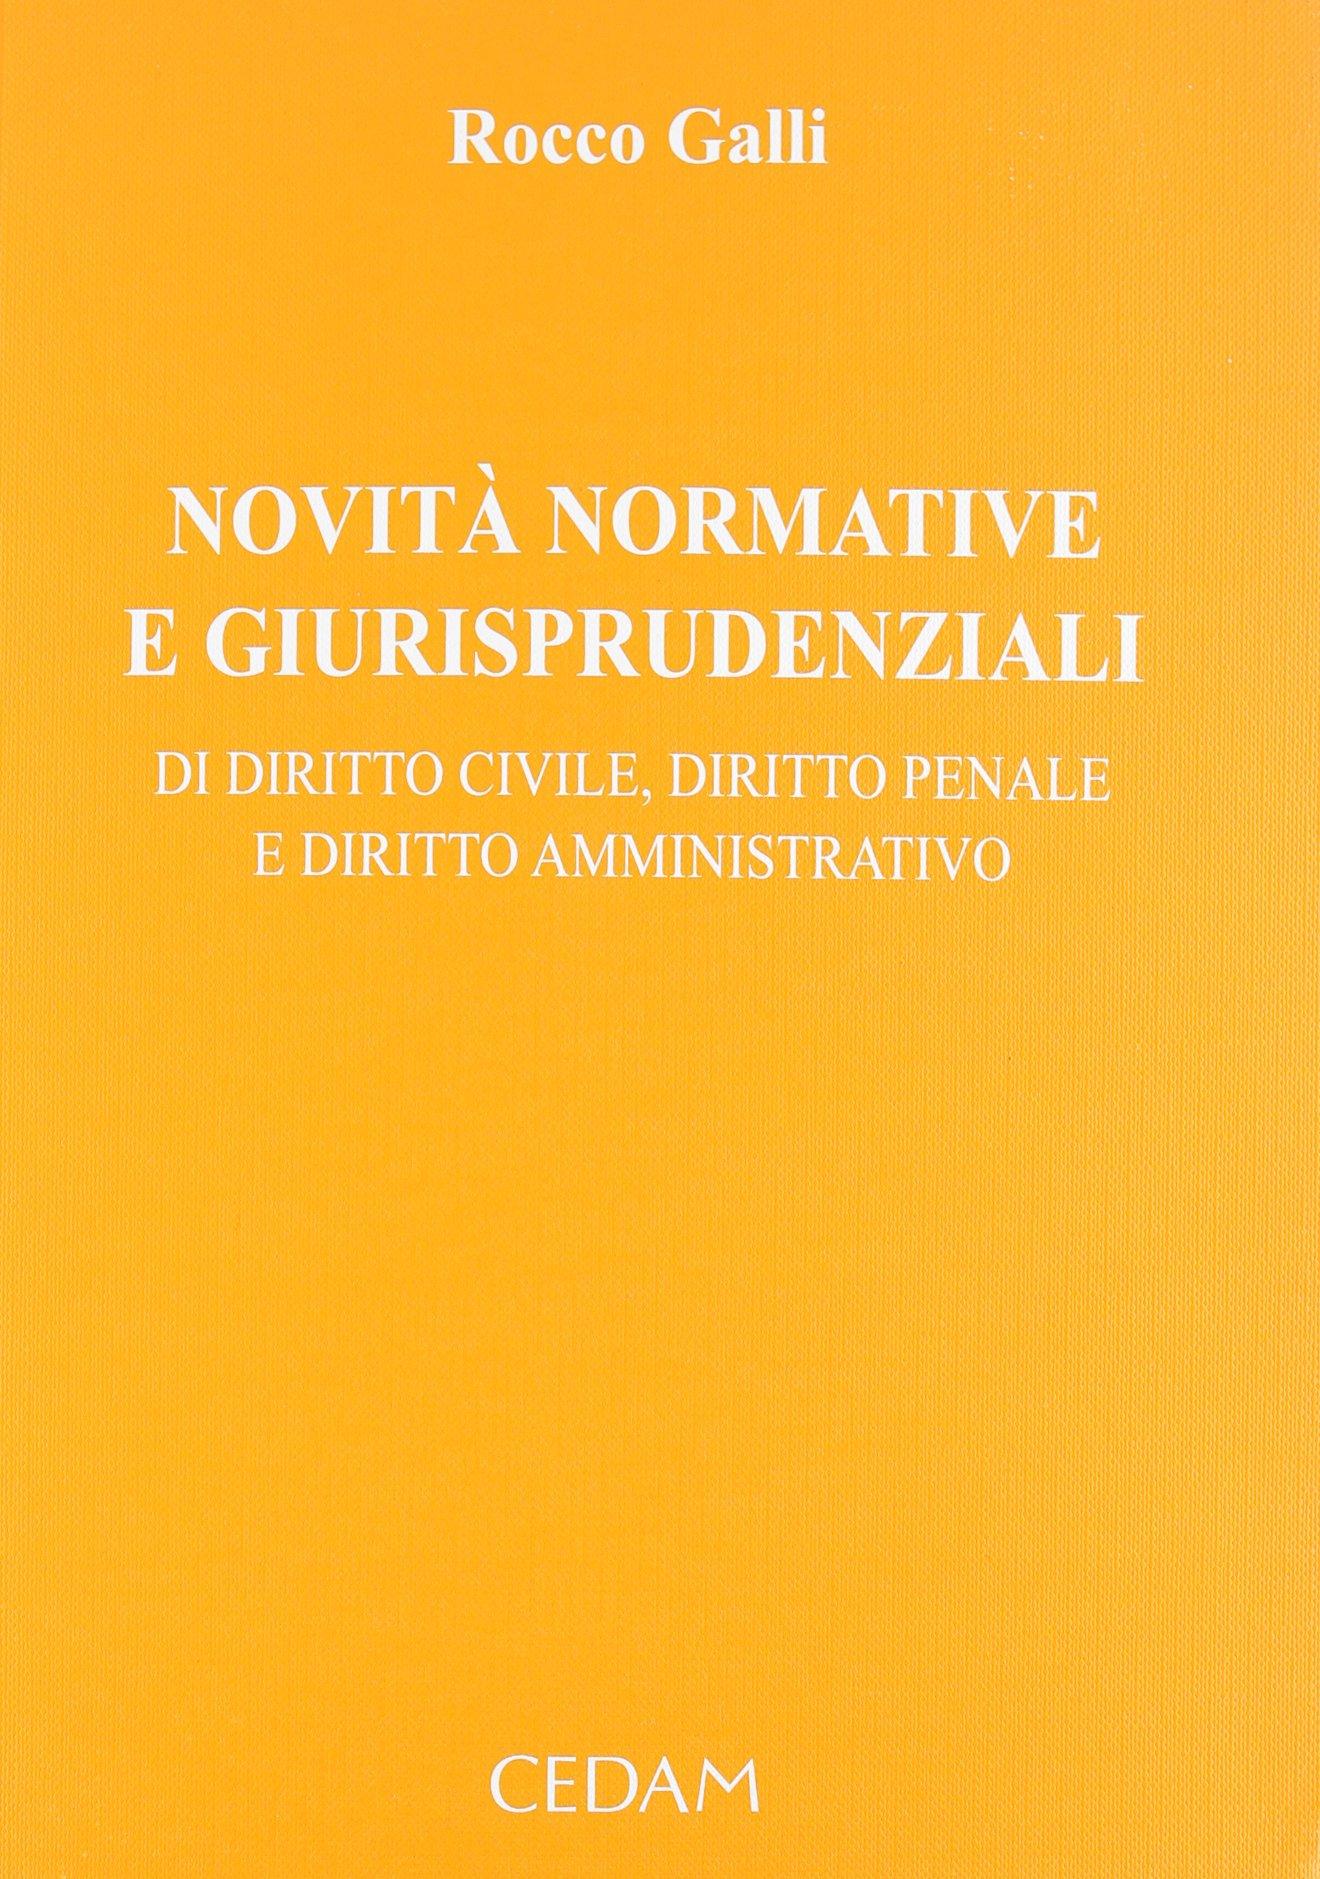 Novità normative e giurisprudenziali di diritto civile, diritto penale e diritto amministrativo: 1